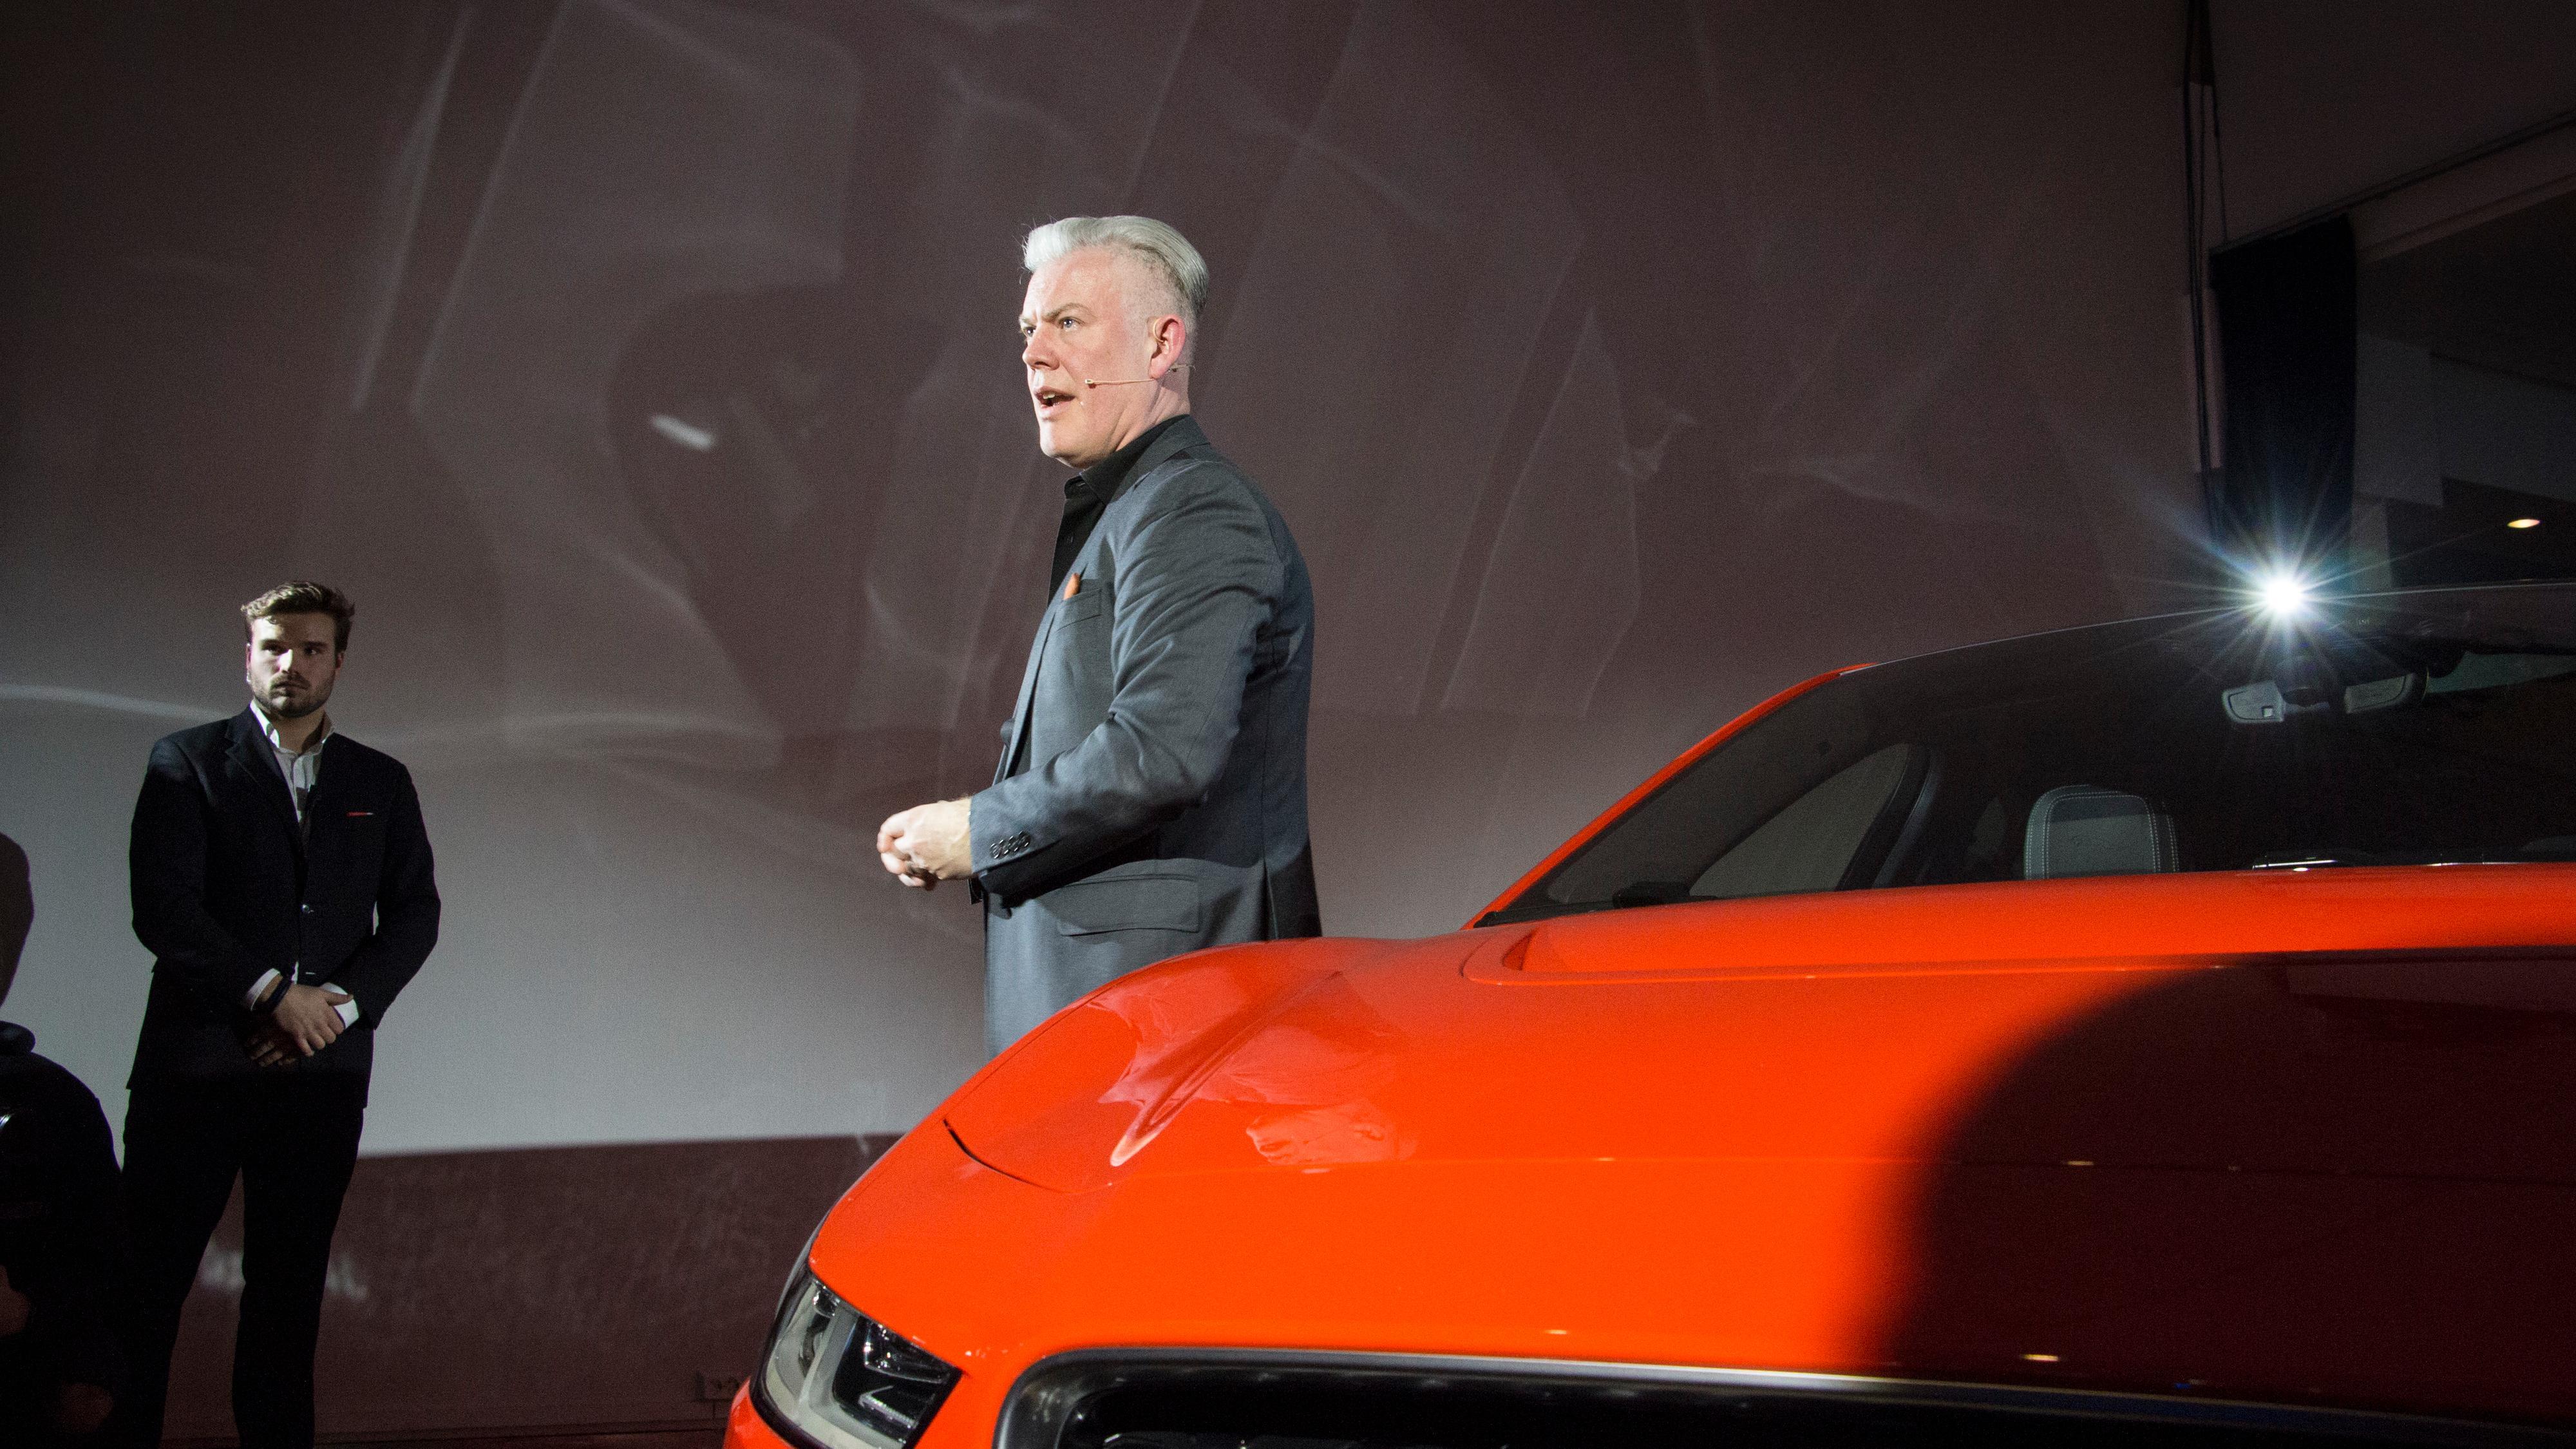 Designansvarlig for Jaguar i-Pace, Wayne Burgess, var i Oslo for å avduke bilen og snakke om designfilosofien bak.